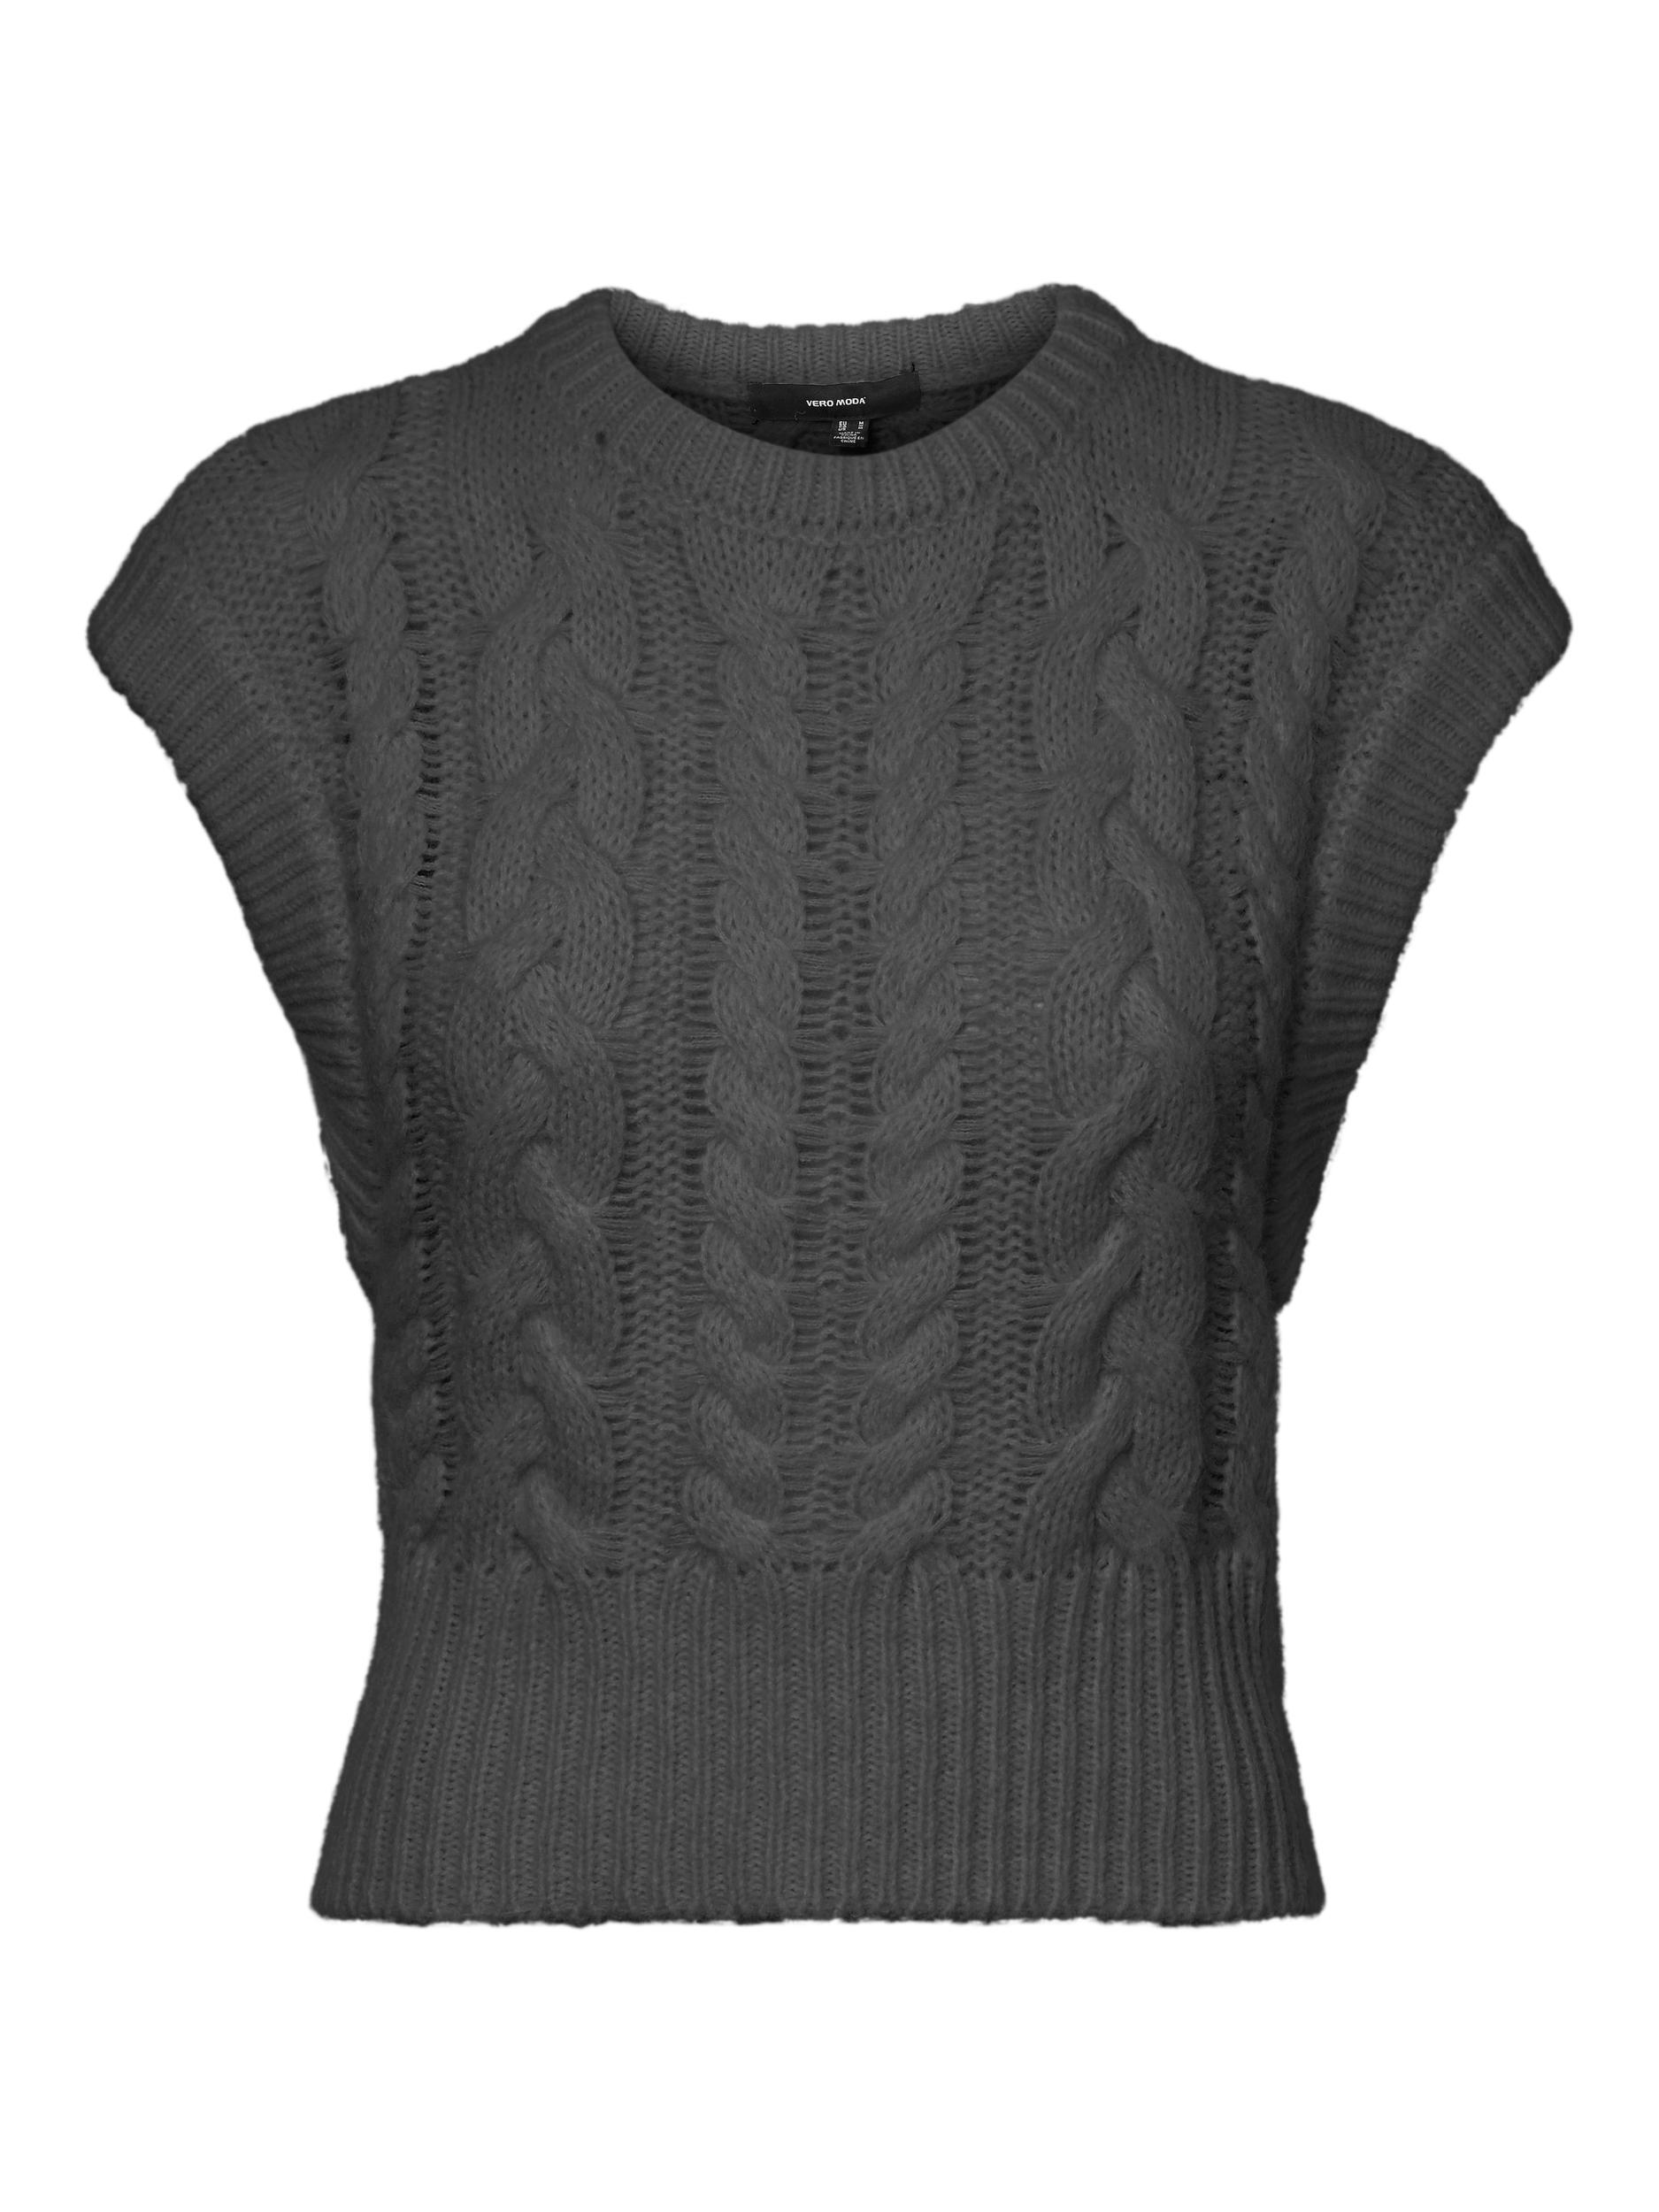 Vero Moda Melanie vest, dark grey melange, small